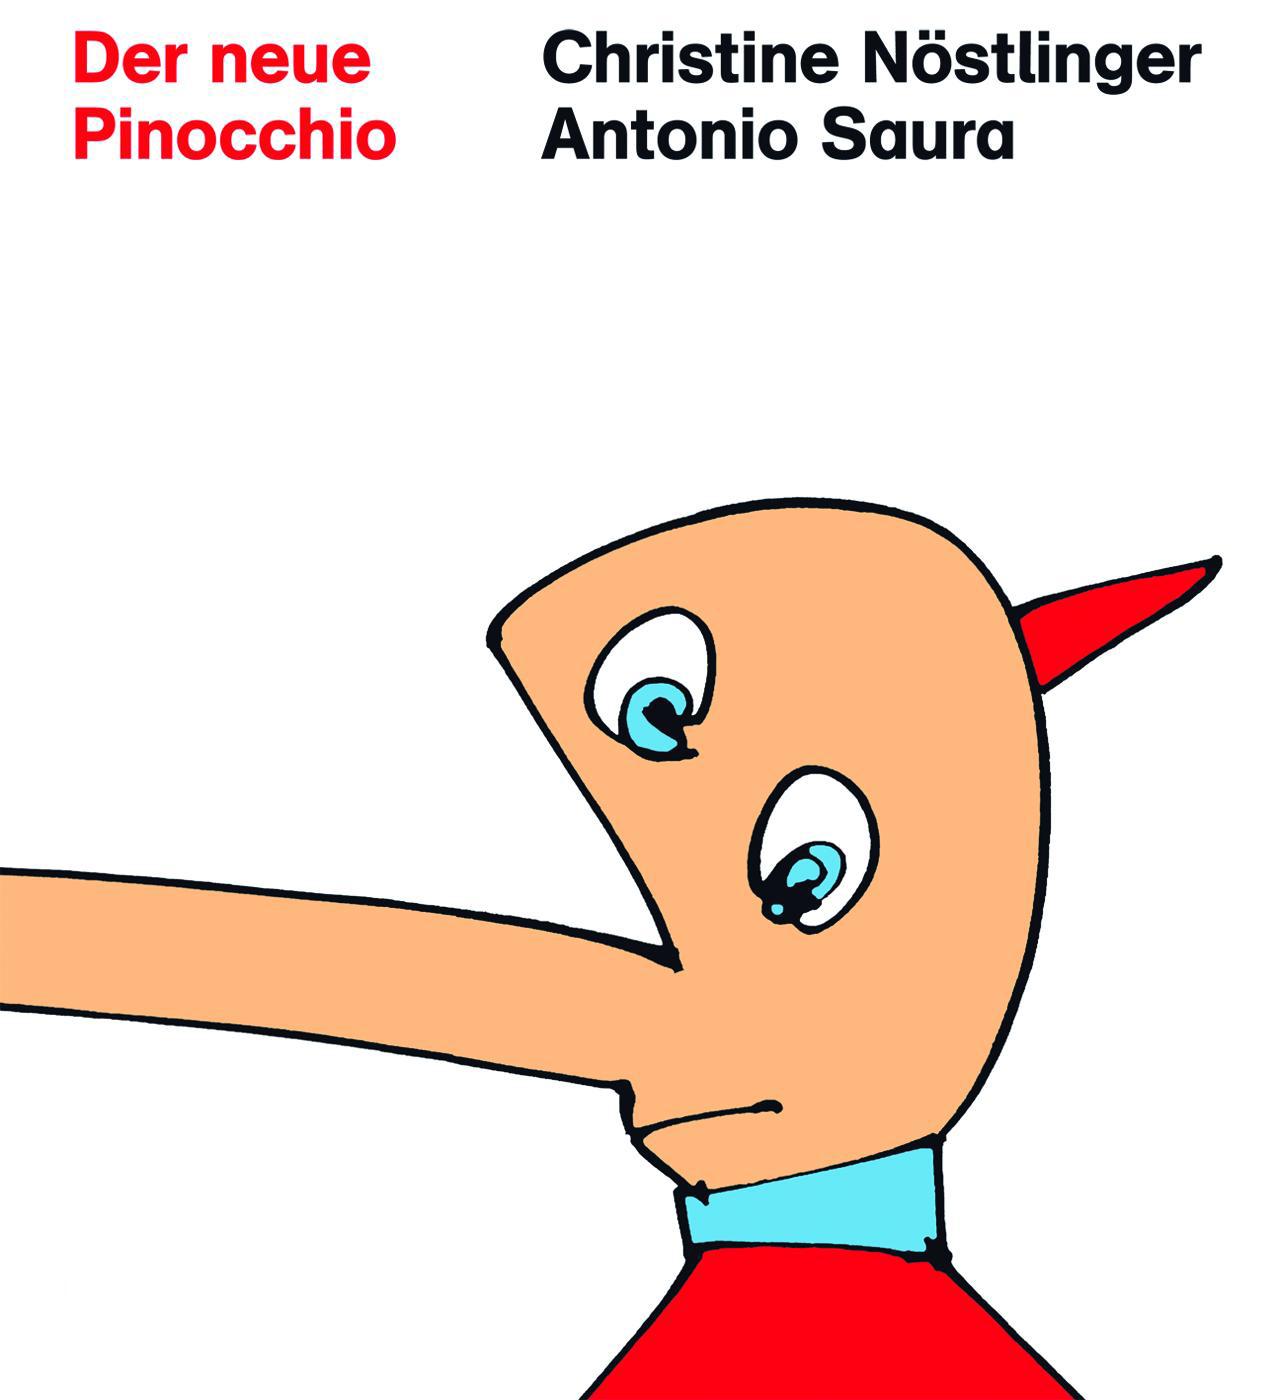 Fig. 1. Antonio Saura (copertina), Der neue PinocchioDer neue Der neue Pinocchio neue Pinocchi